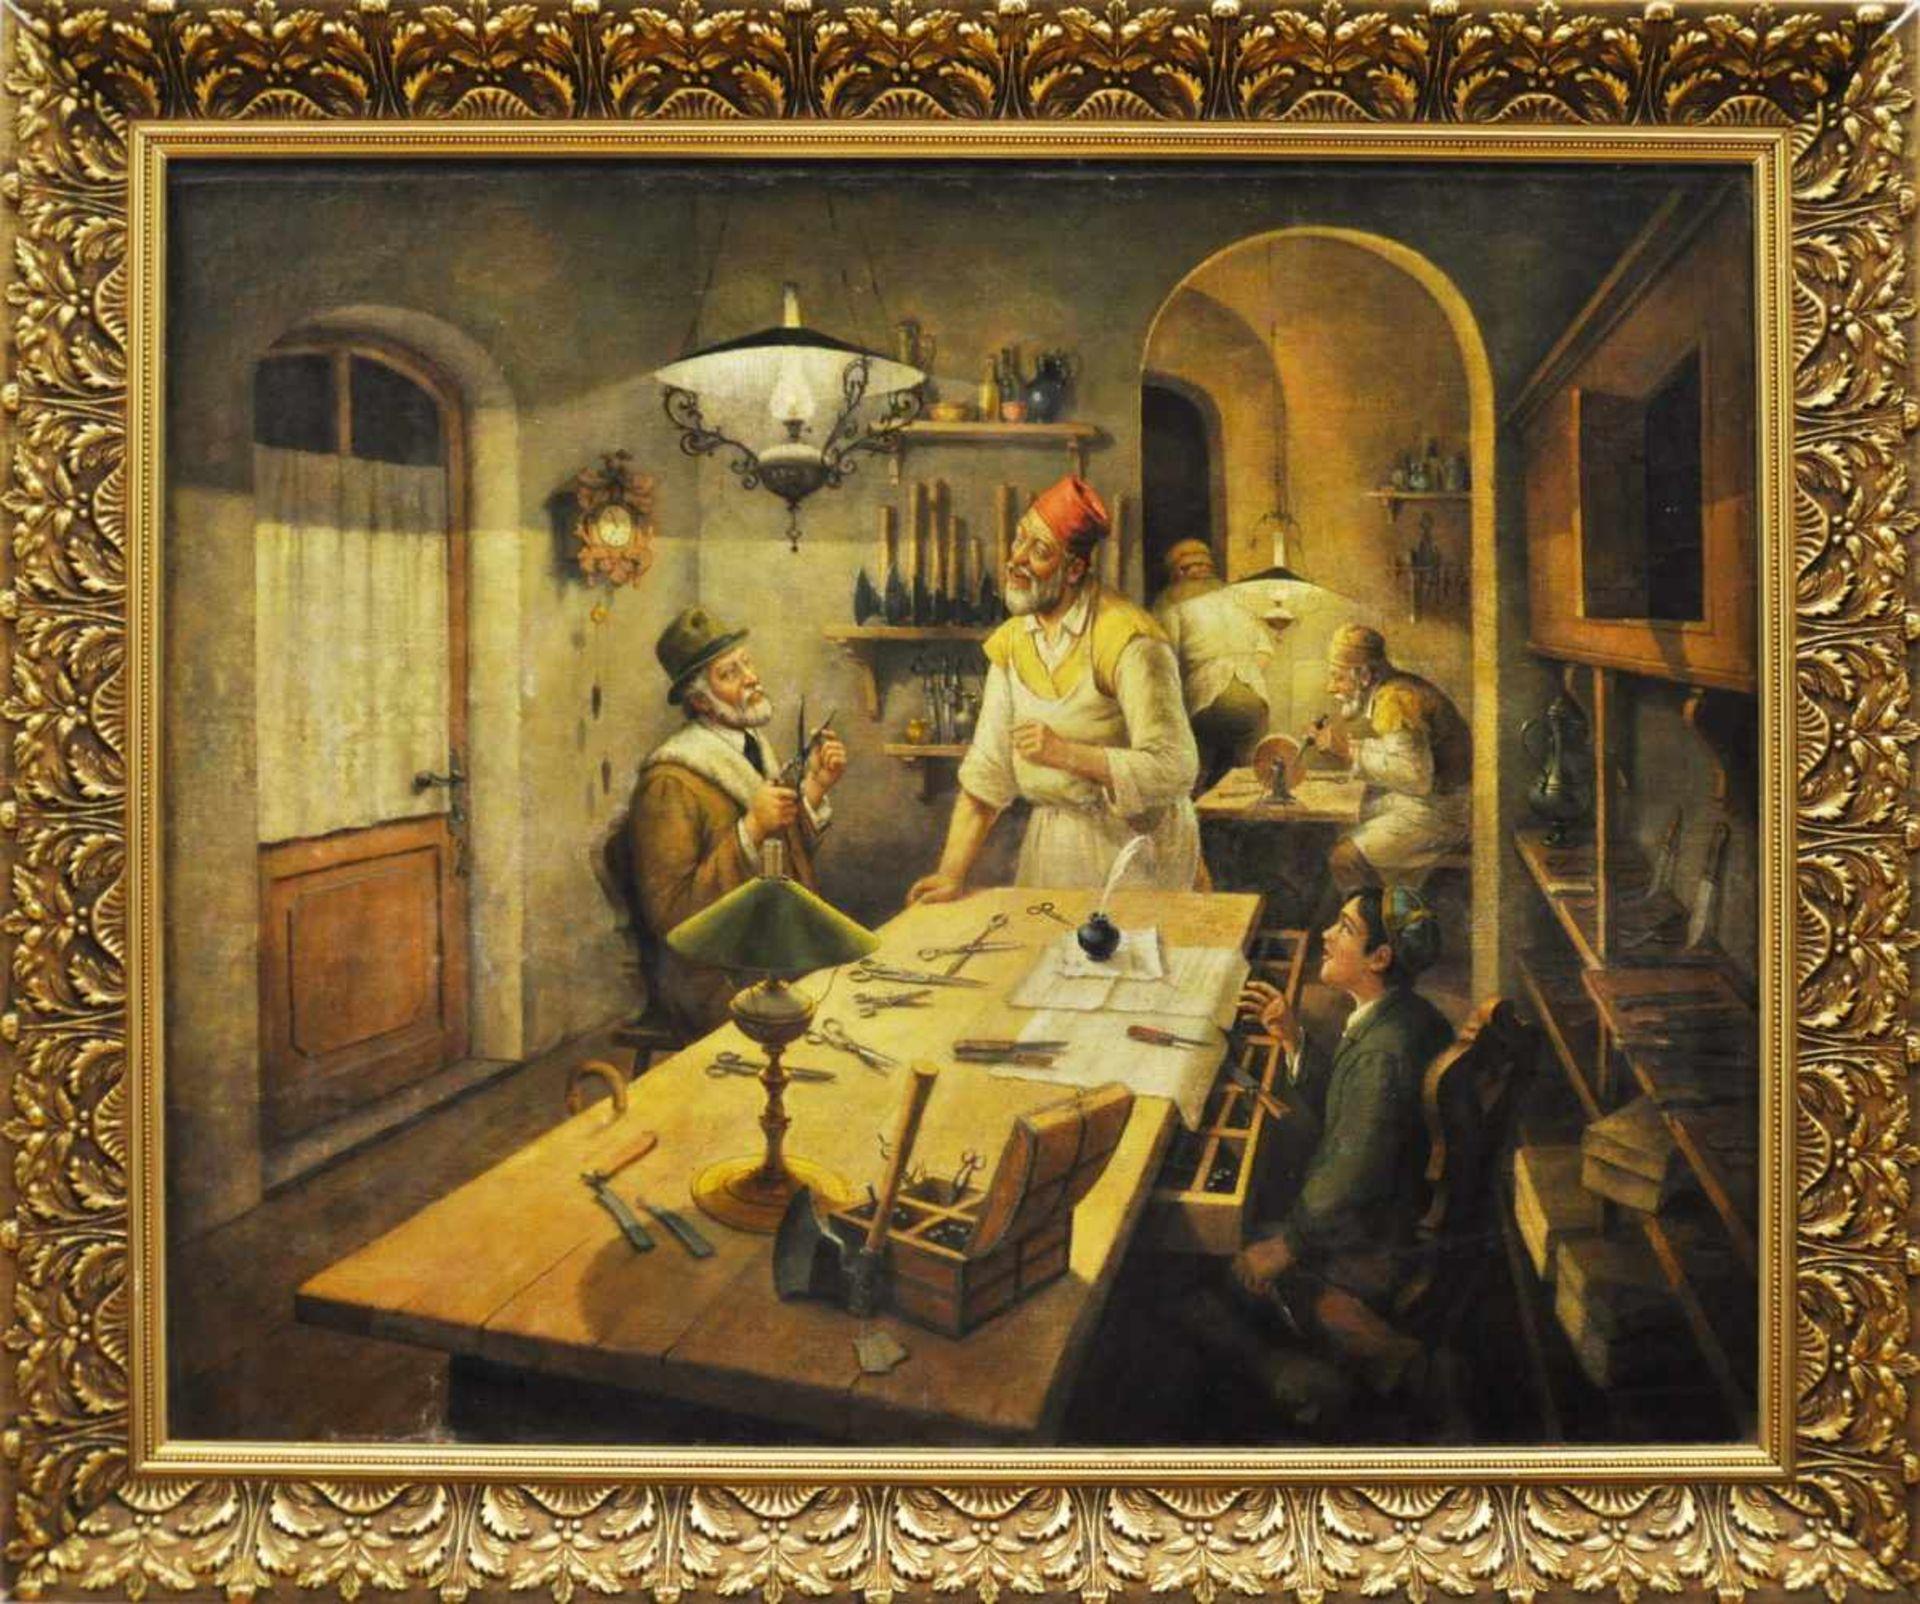 """Los 23 - Ungarischer Maler, um 1920,""""Beim jüdischen Schärenschleifer"""", Öl auf Lw, 69,5 x 85,5 cm, unsigniert"""